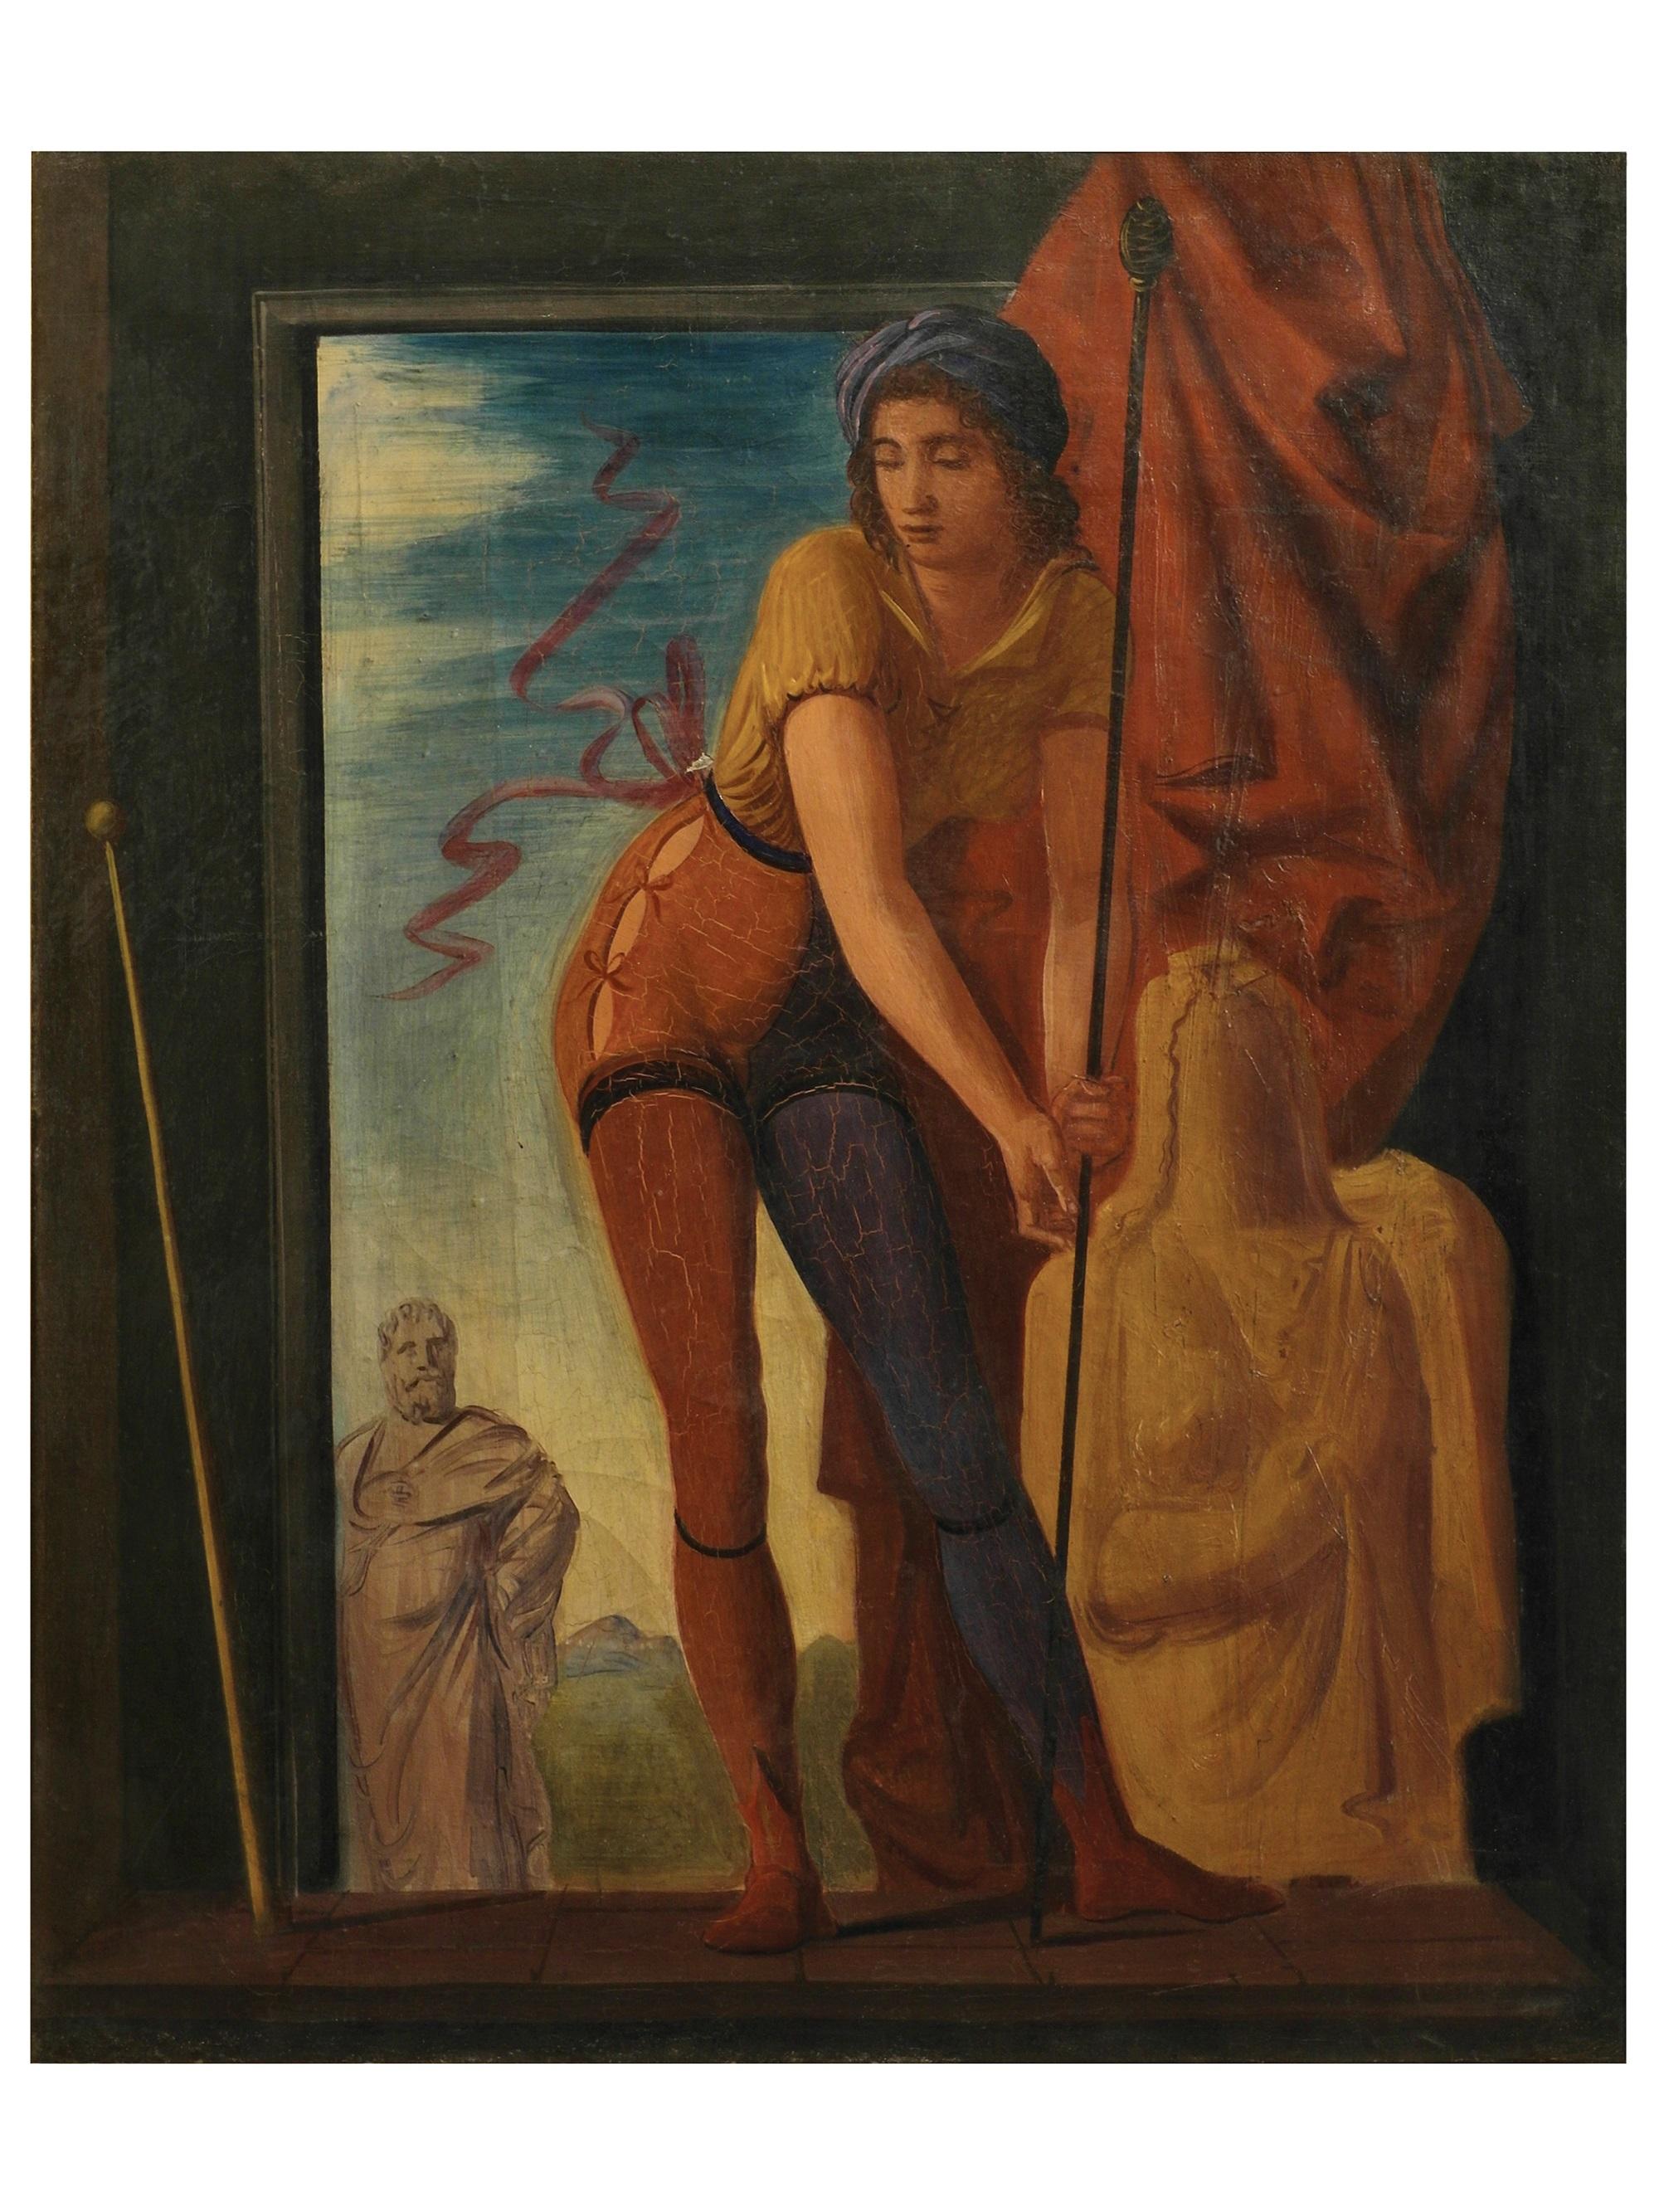 26. A. Funi - Lo studio del pittore, 1939- resized